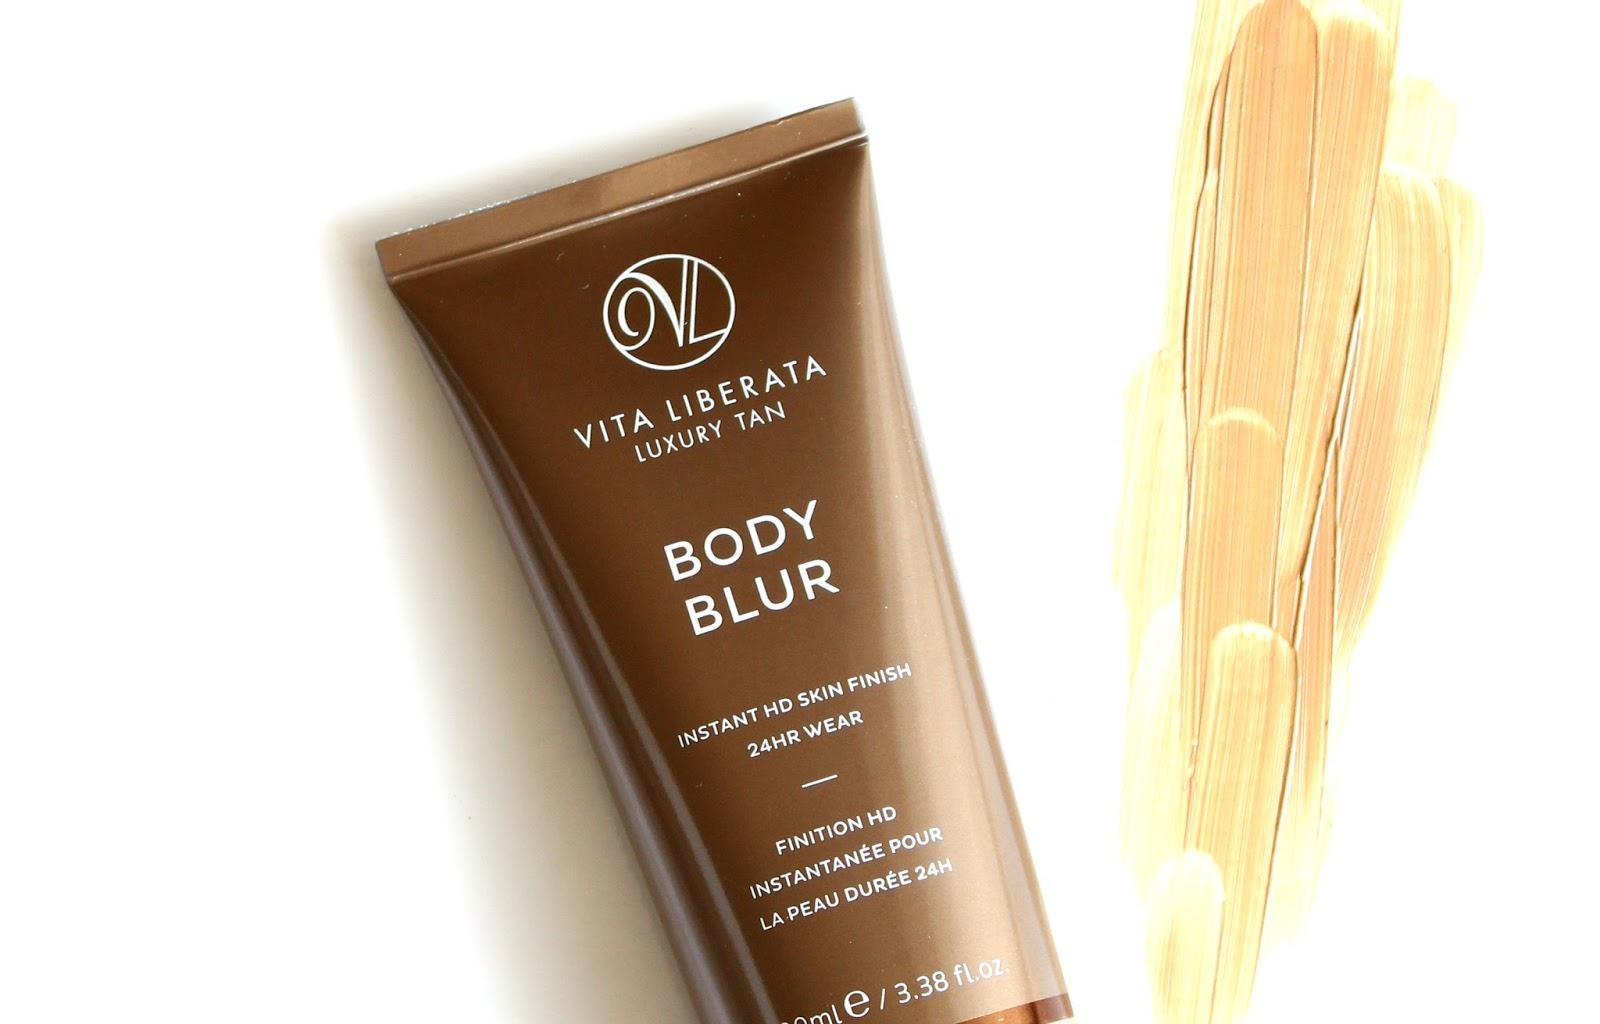 Image result for Body Blur by Vita Liberata